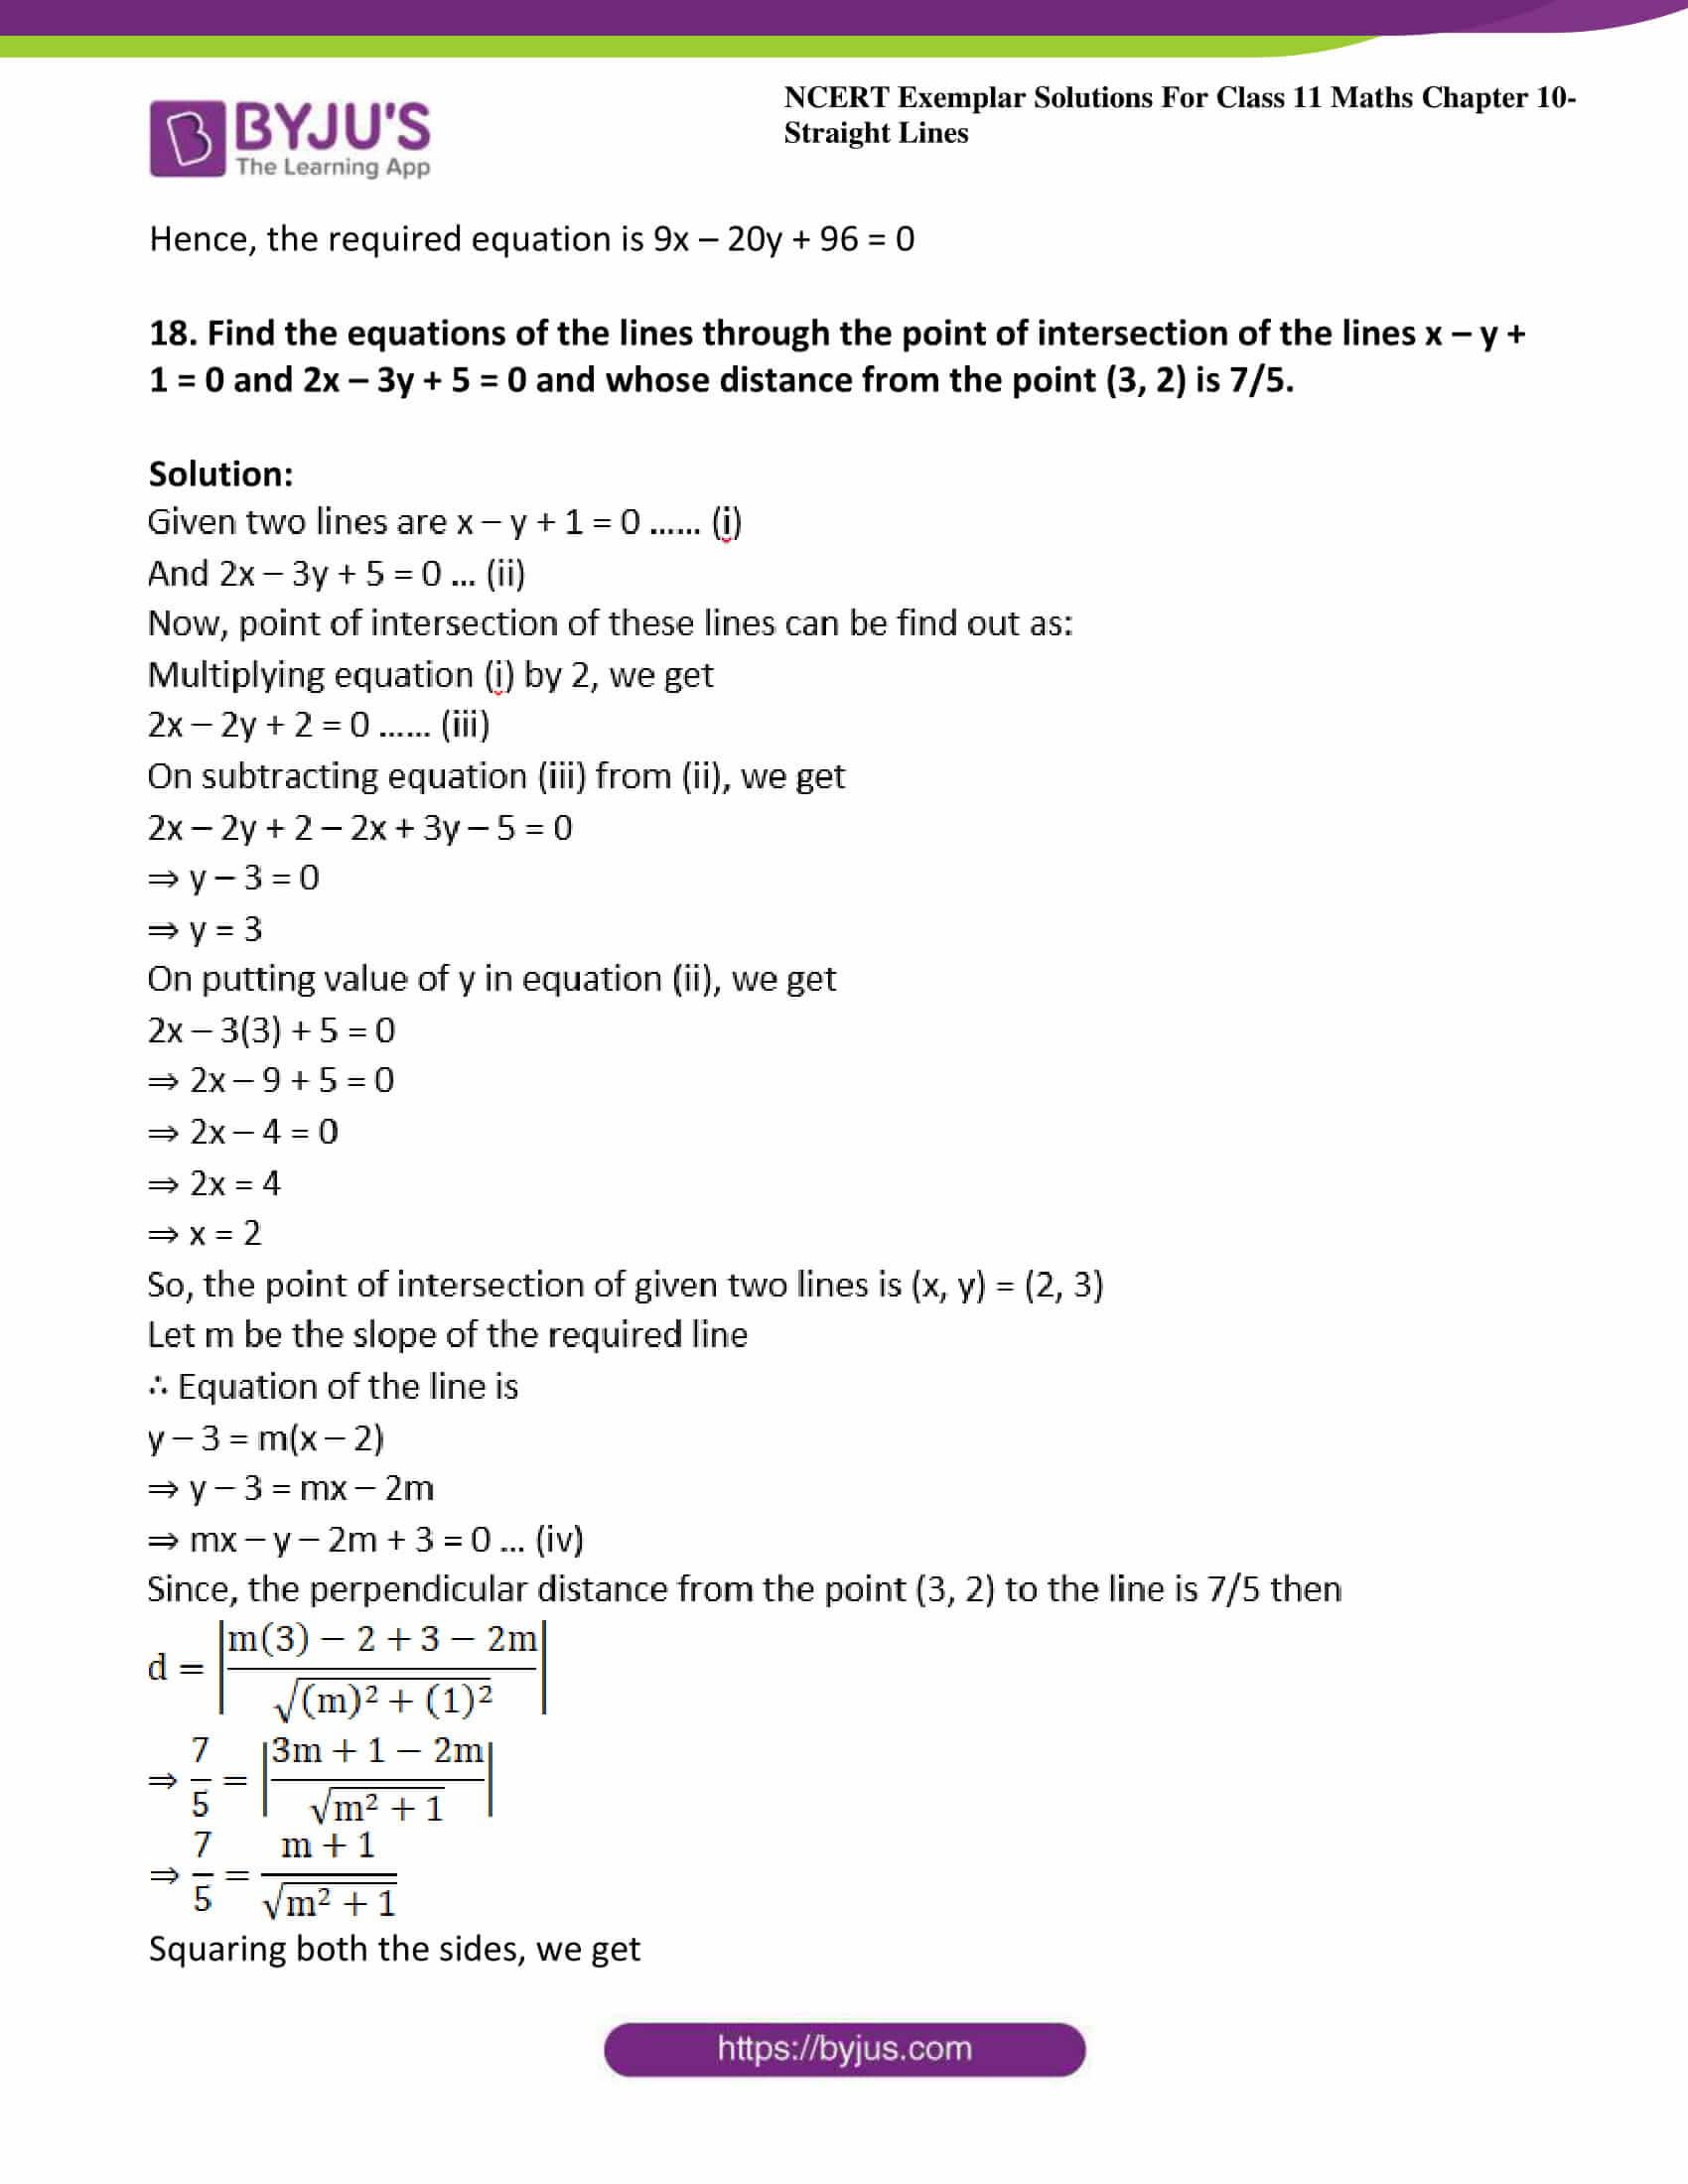 ncert exemplar sol class 11 maths chpt 10 straight lines 23